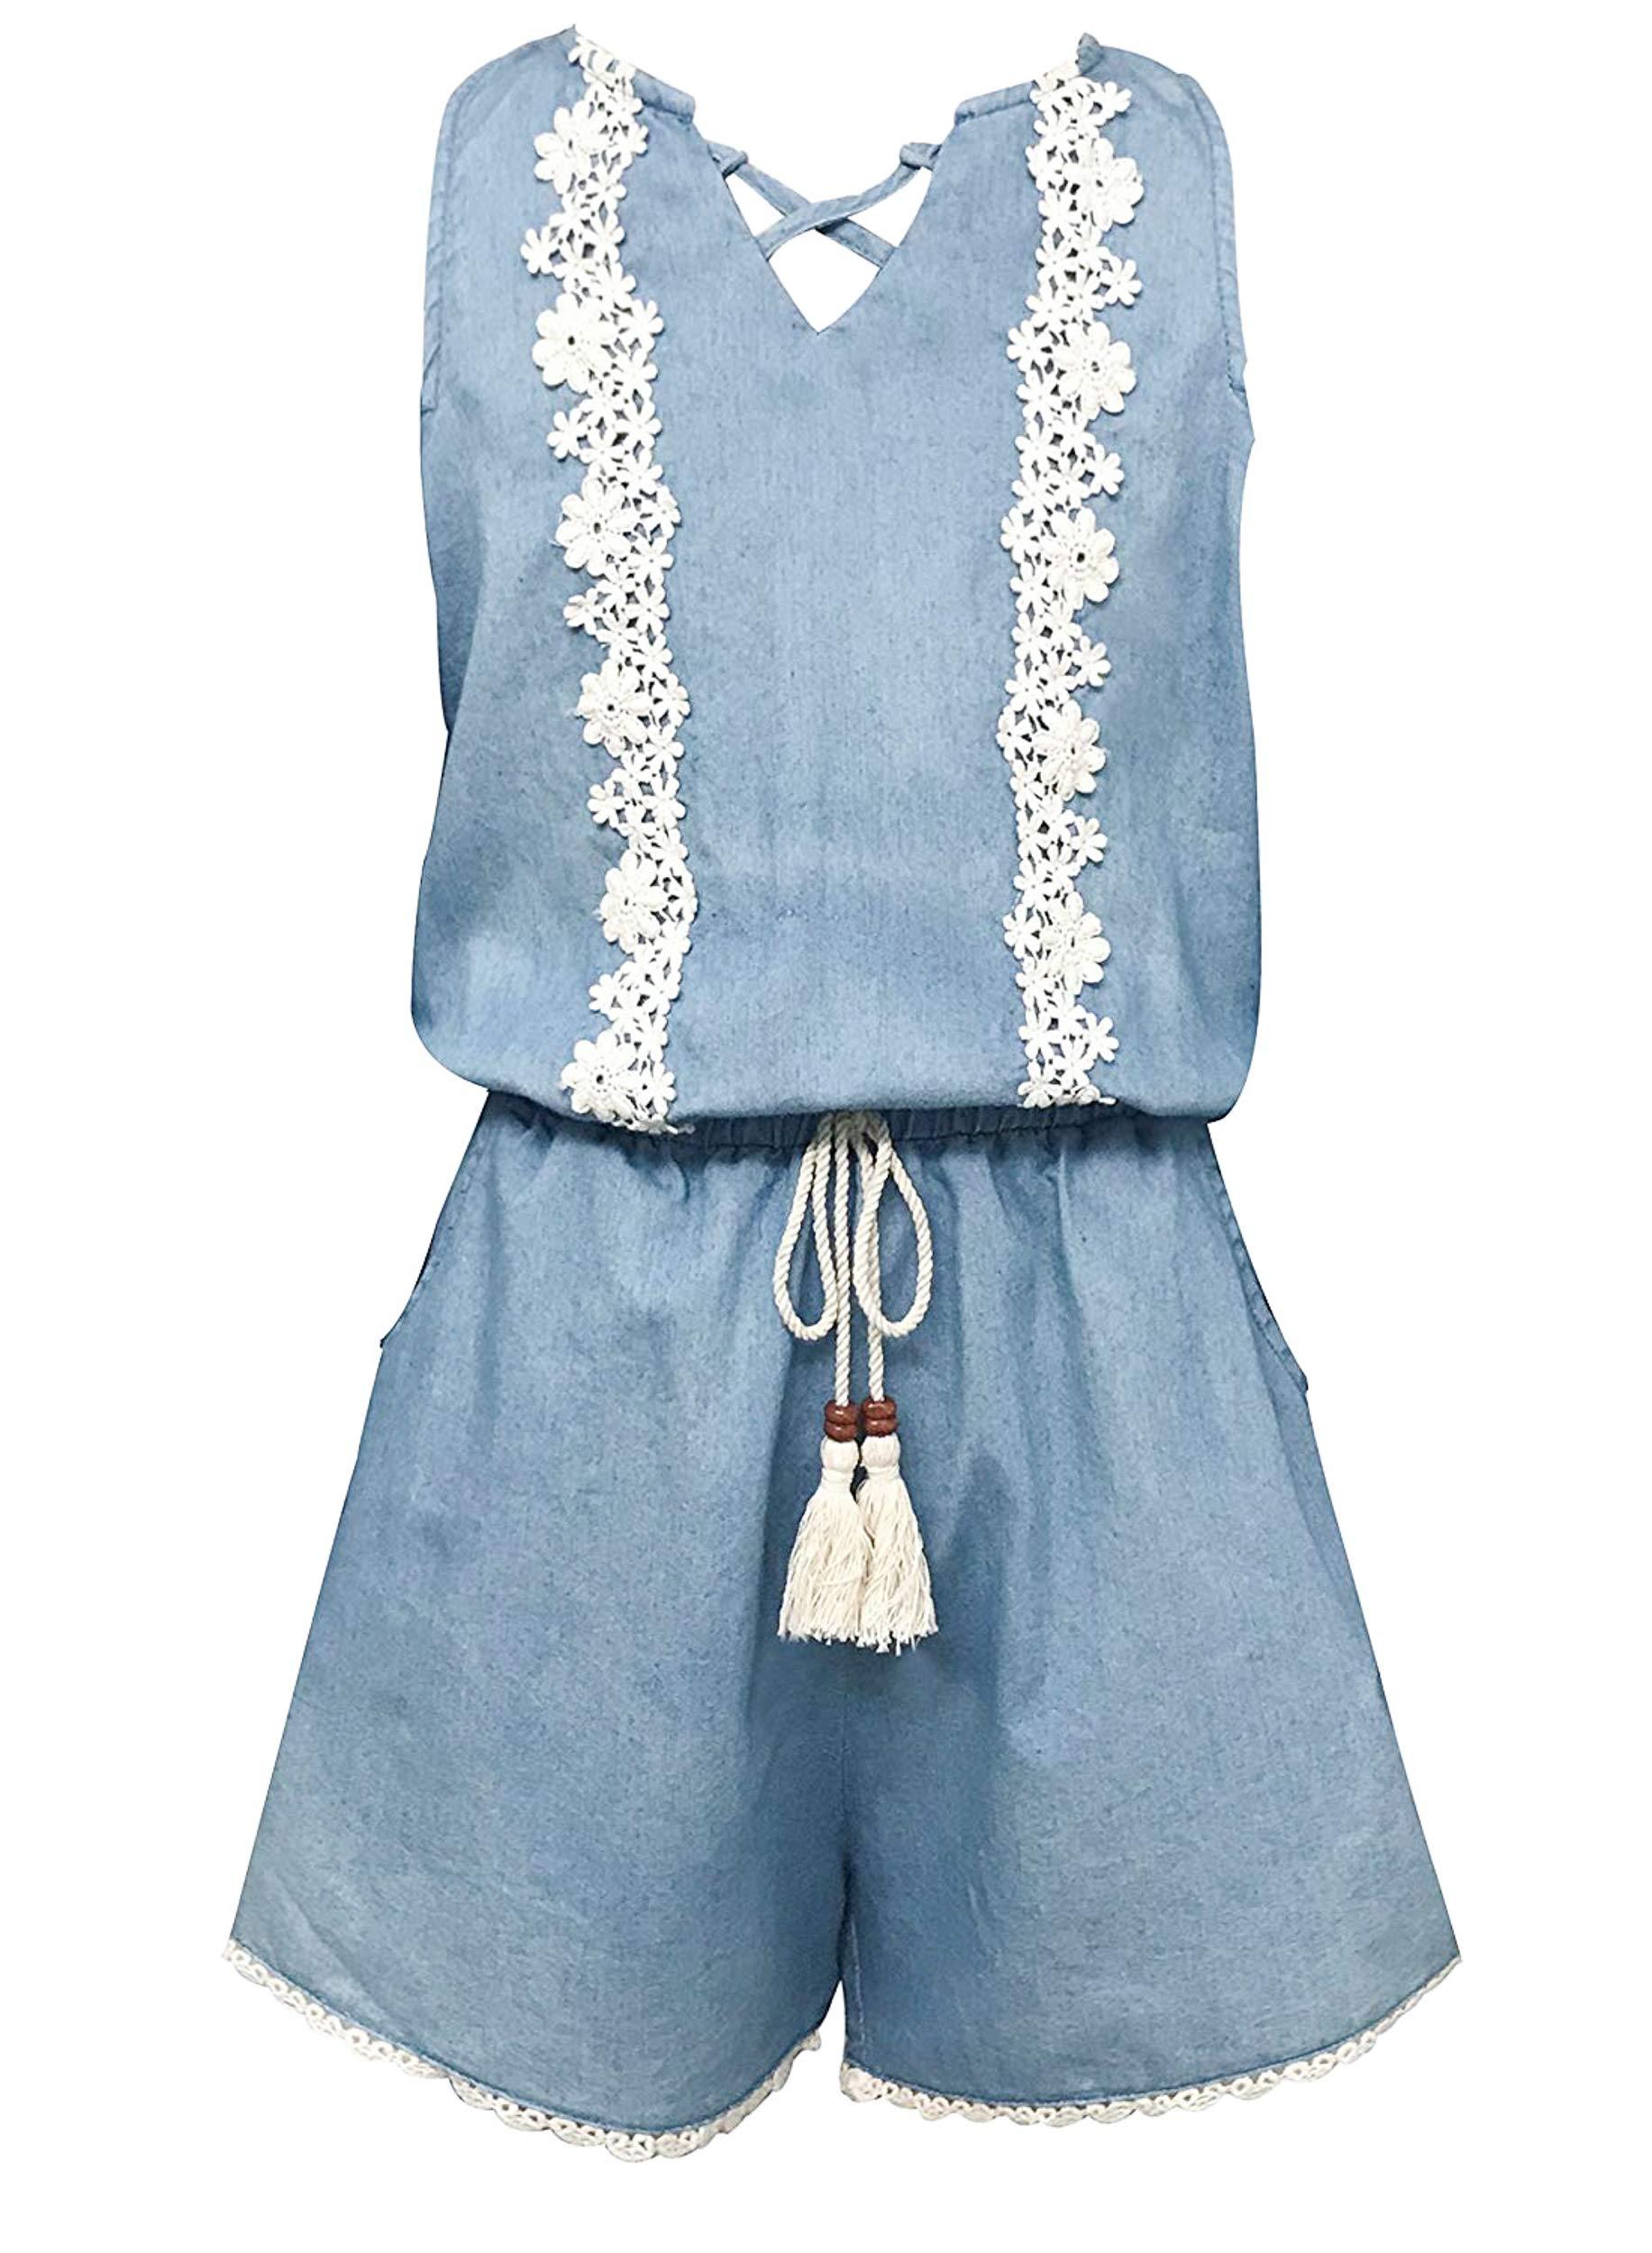 Smukke, Big Girls Vintage Lace Trimmed Denim Sleeveless Summer Romper with Pockets, 7-16 (Denim, 12) by Smukke